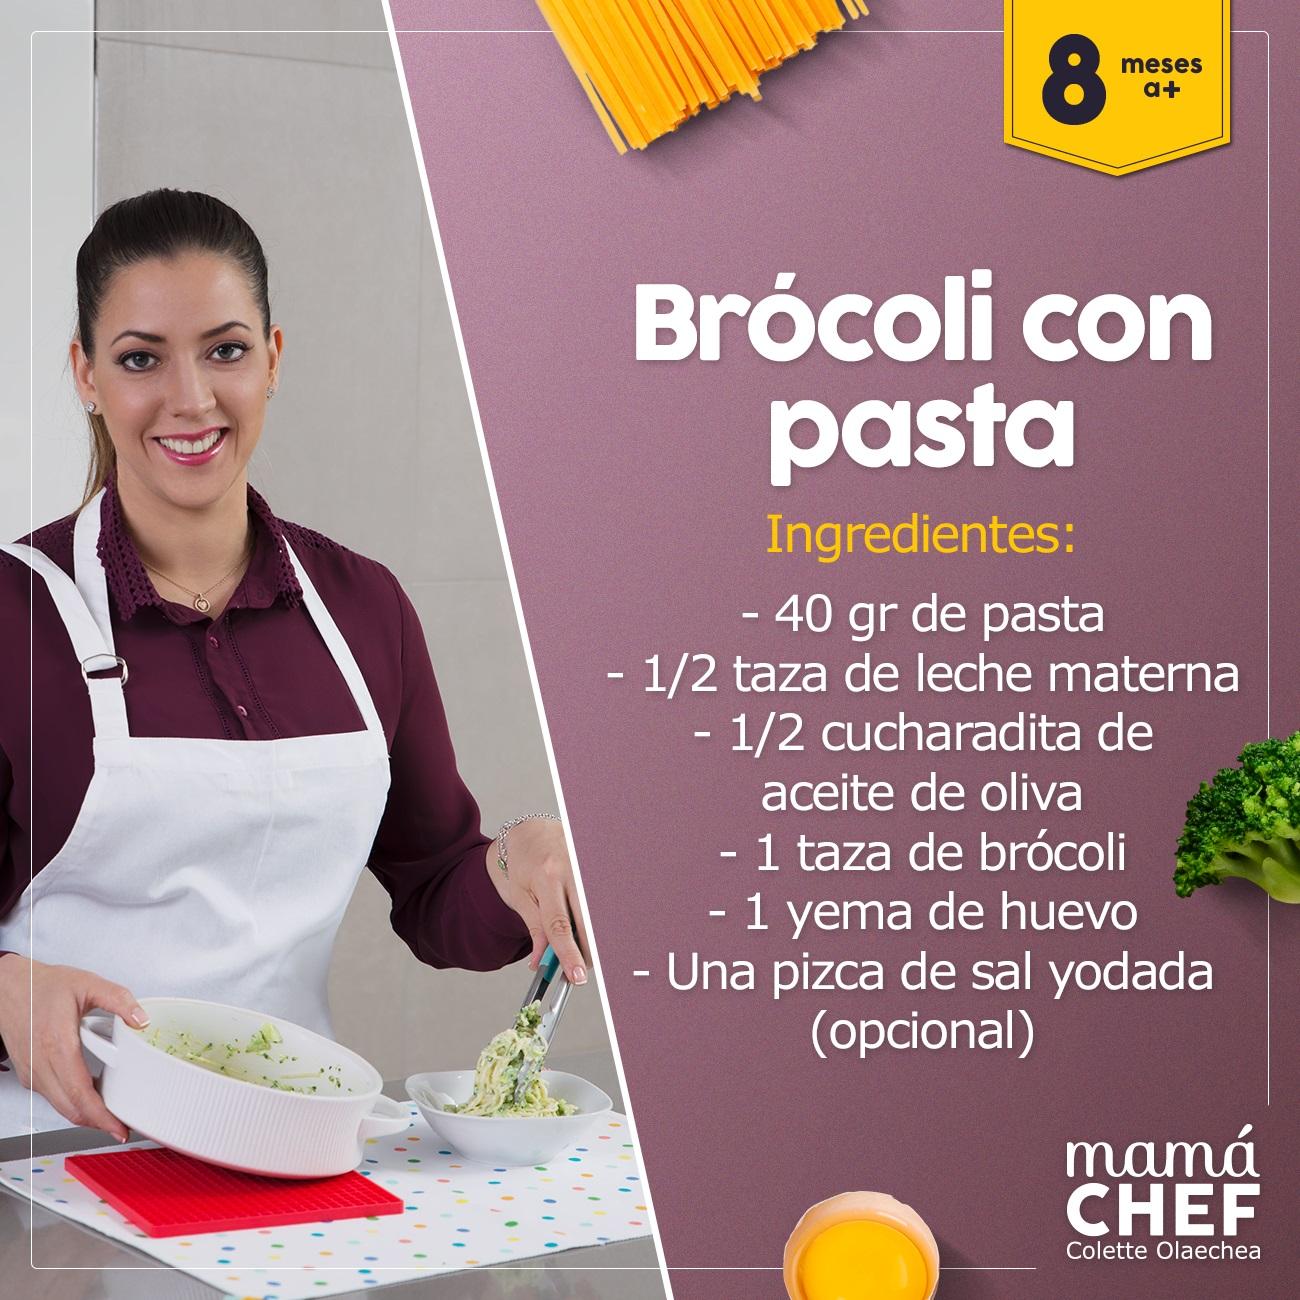 Brocoli con pasta mamá chef colette olaechea  papillas bebes 8 meses recetas